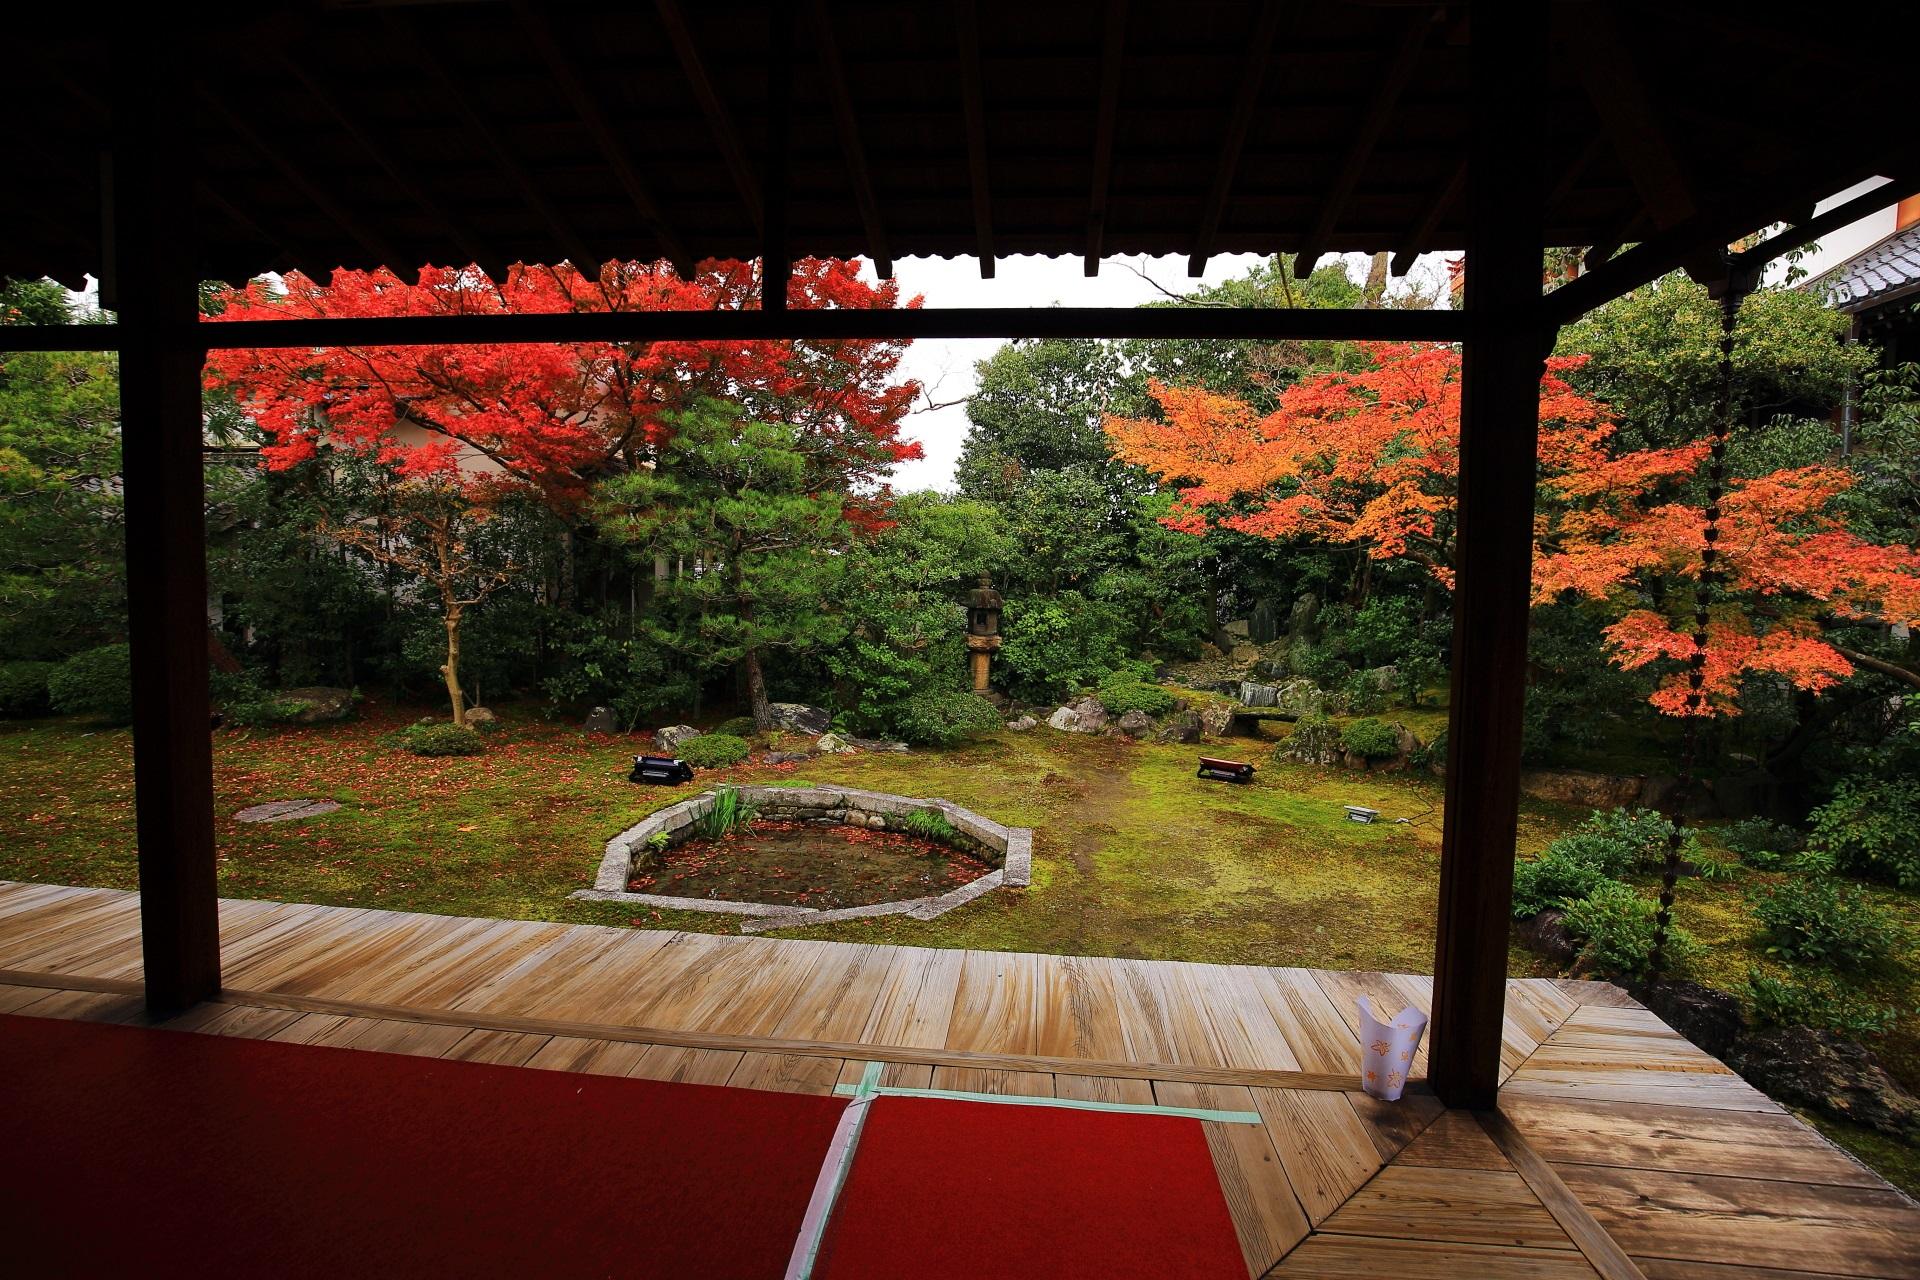 本法寺の風情ある庭園を染めるオレンジと赤の鮮やかな紅葉